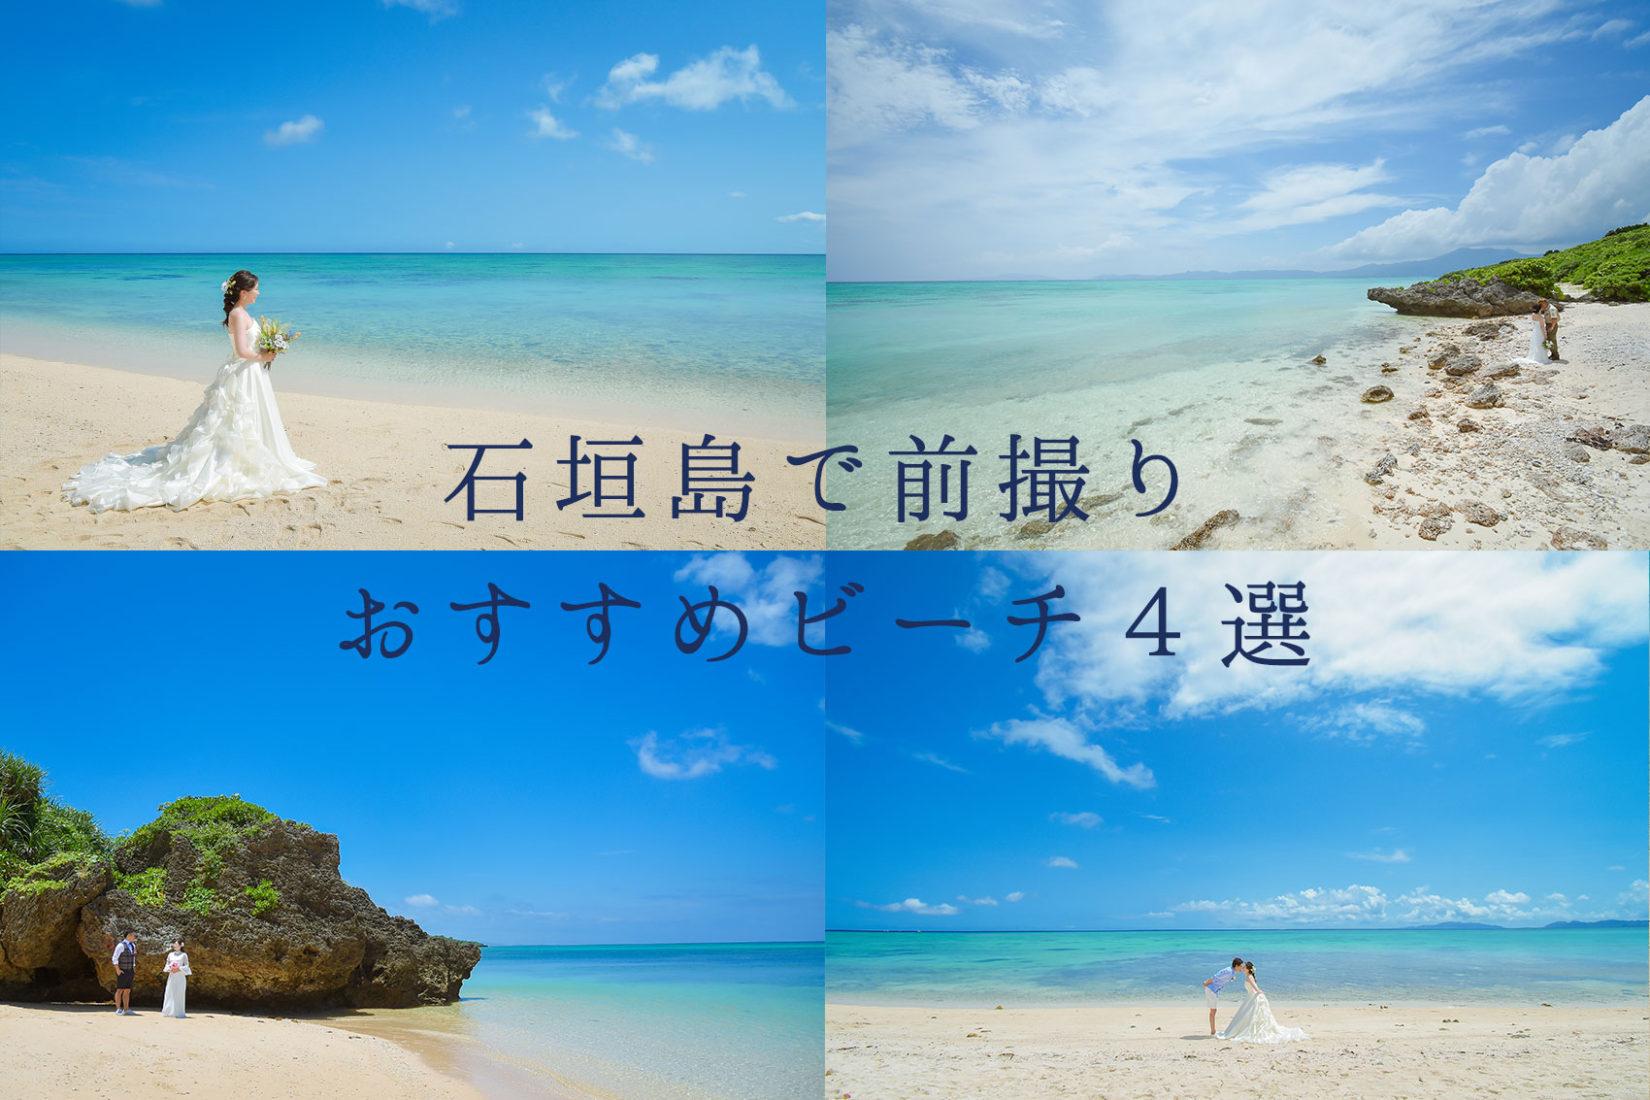 【カメラマンが選ぶ!】石垣島で前撮りにおすすめのビーチ4選